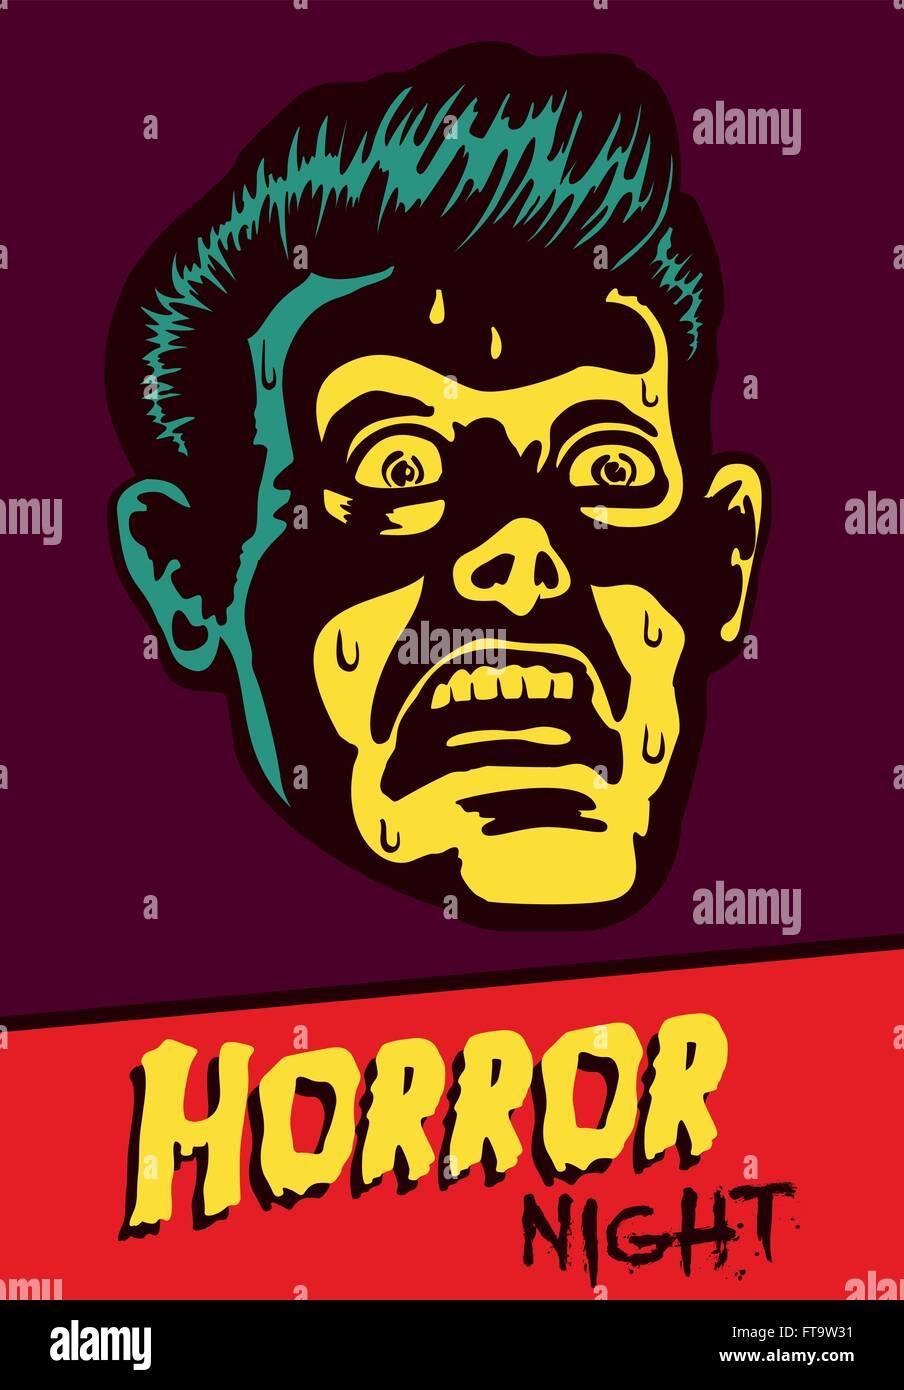 Horror-Nacht! Halloween Party oder Film Nacht Eventflyer Vektor ...